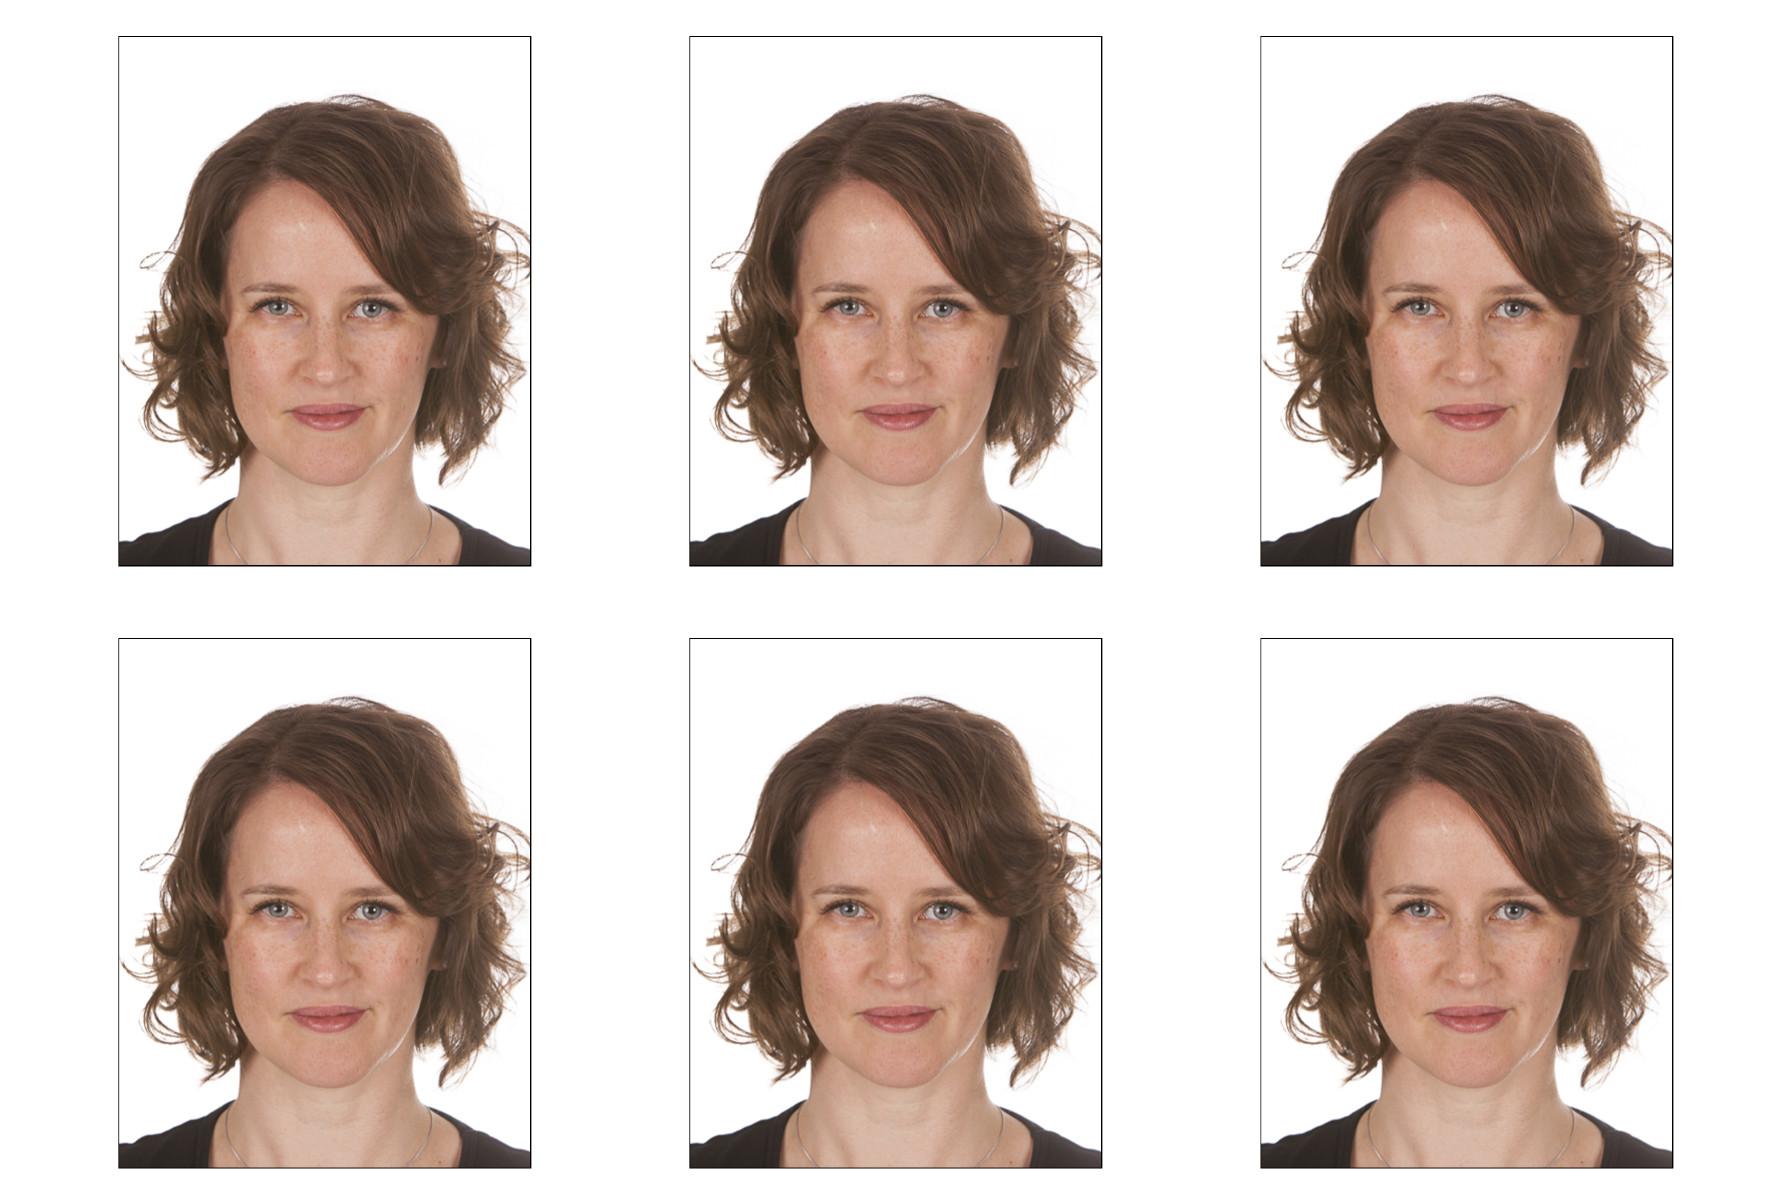 Passfoto - biometrisch diverse